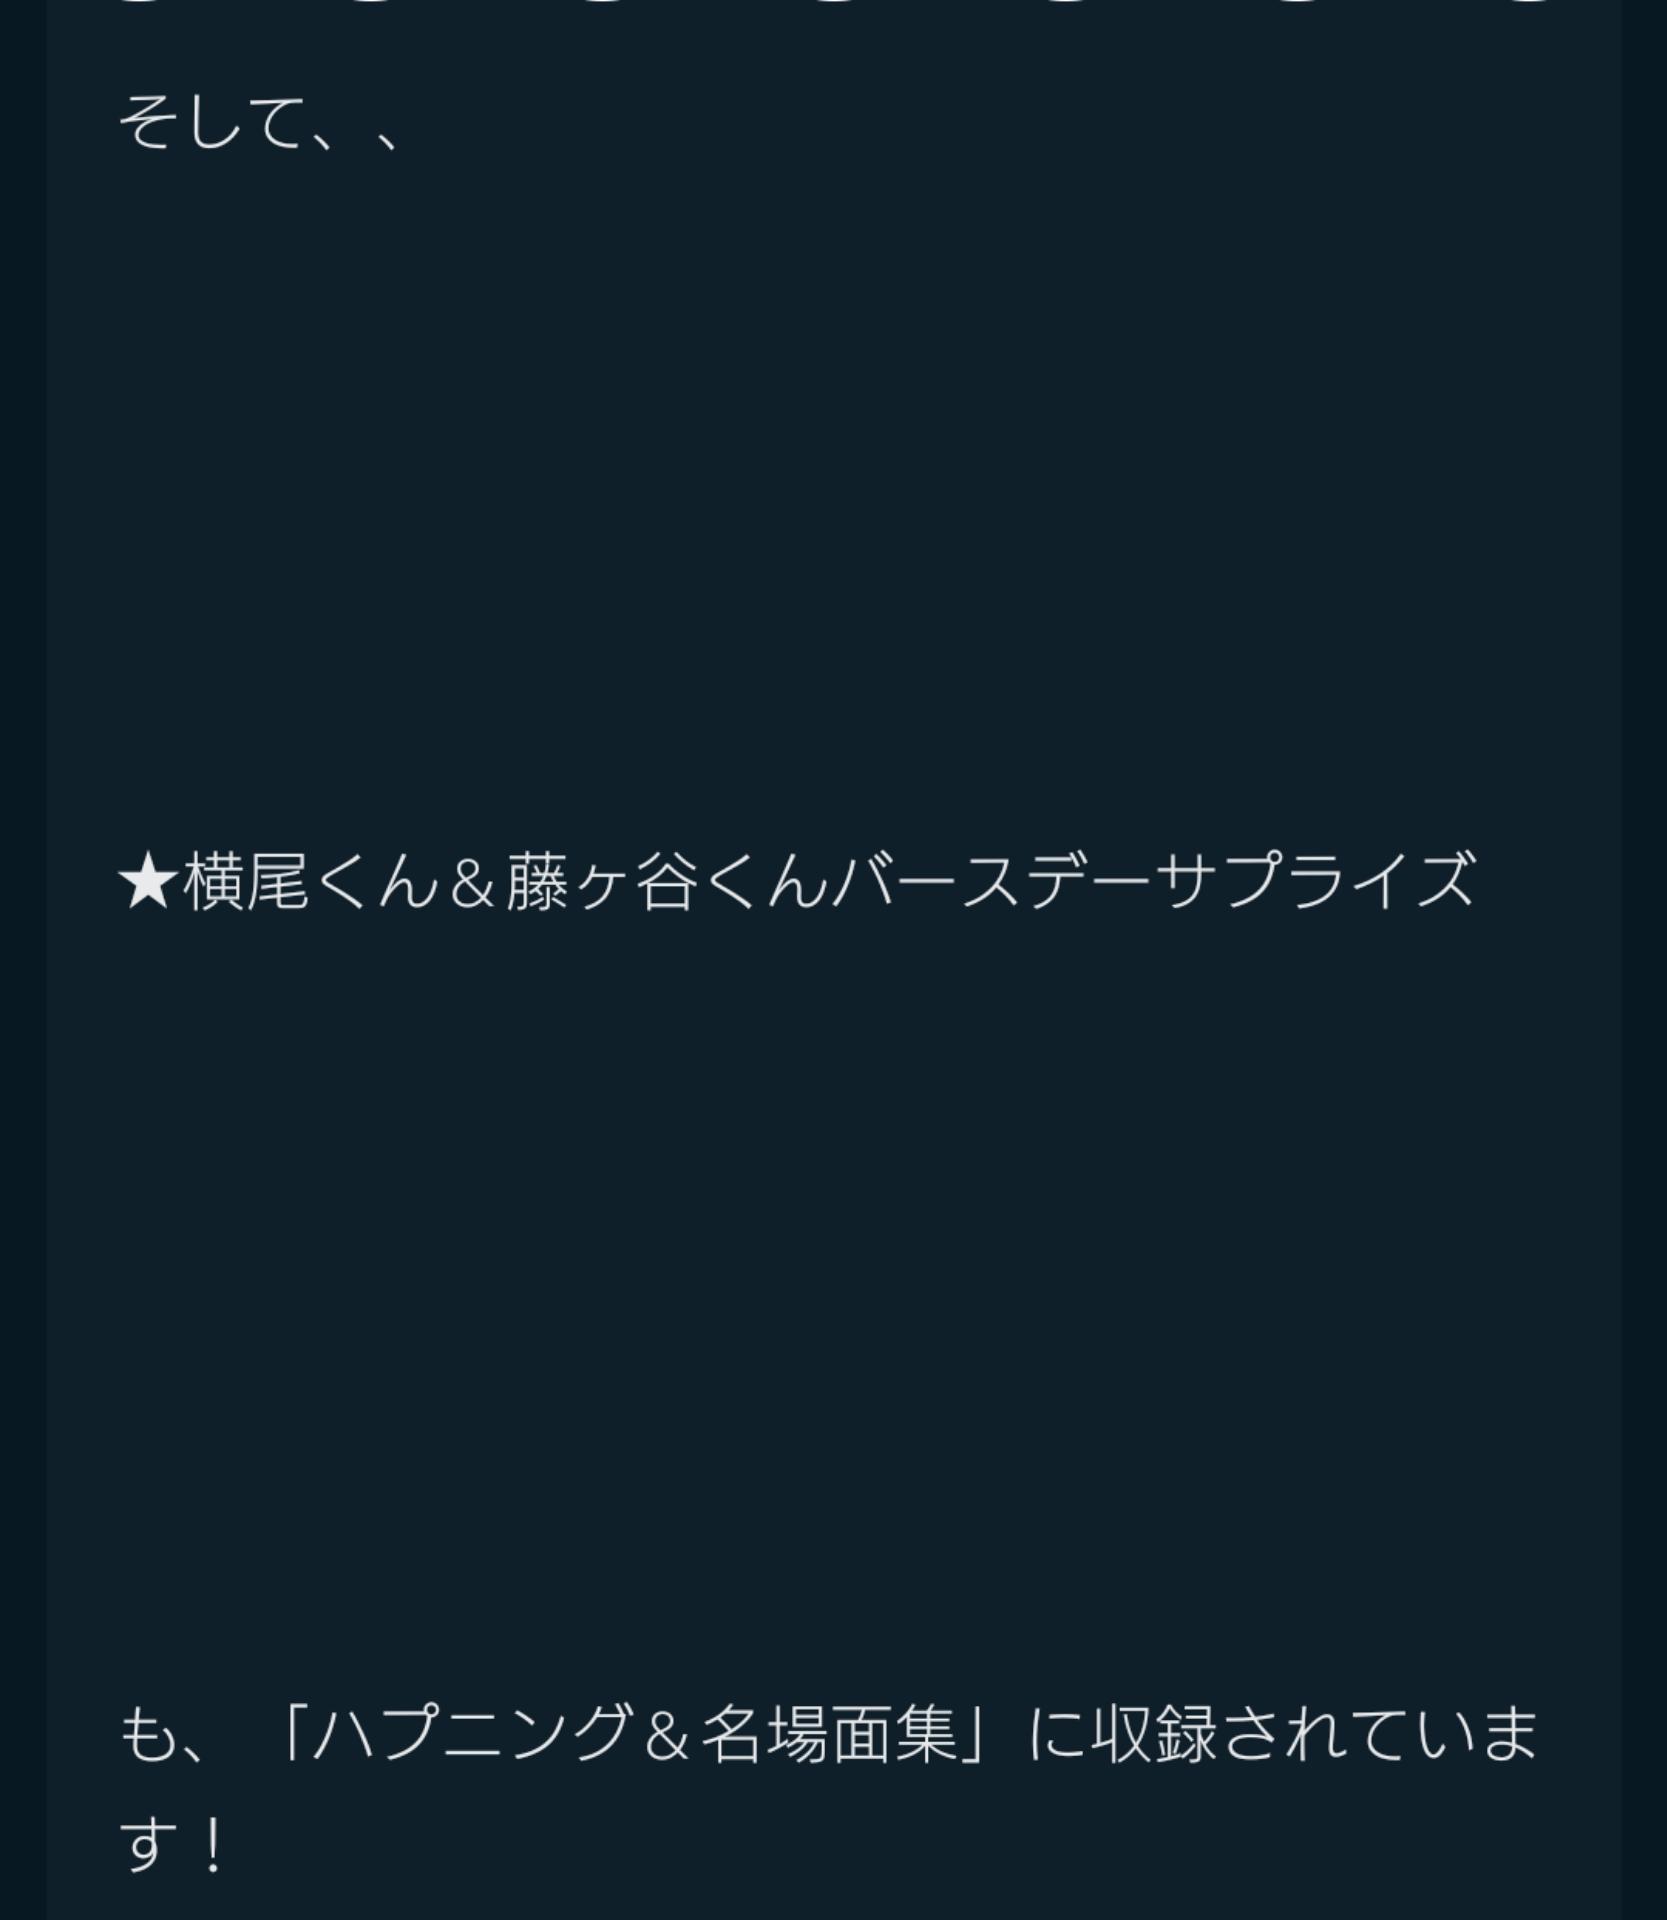 20181104213243d4d.jpg